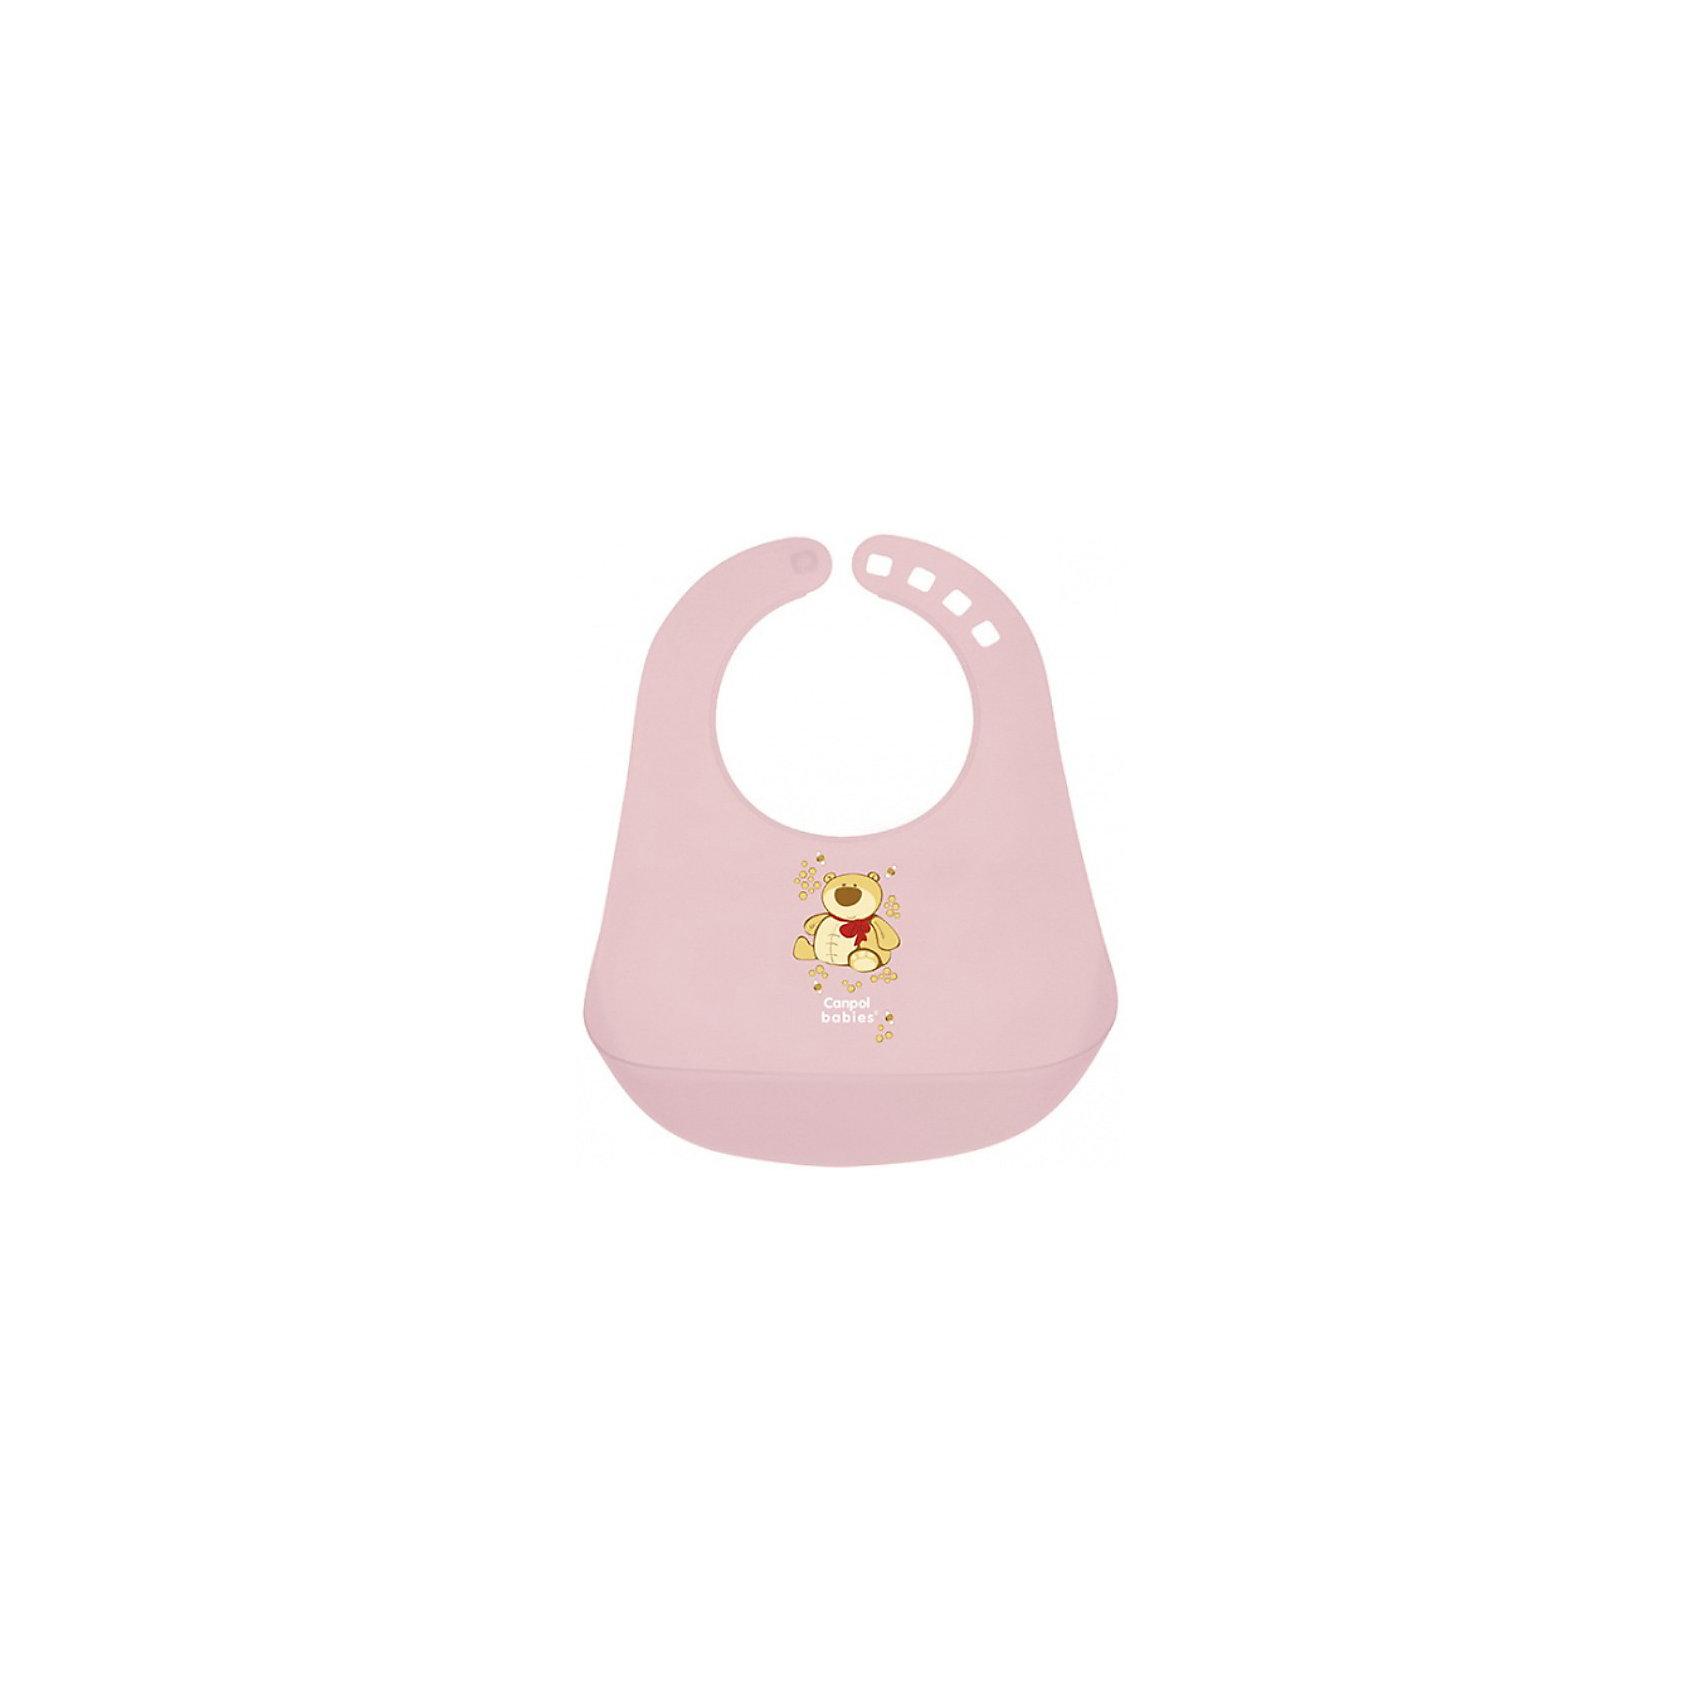 Пластиковый нагрудник, Canpol Babies, розовыйНагрудники и салфетки<br>Пластиковый нагрудник Canpol Babies сделает прием пиши Вашего ребенка не только более чистым, но и станет хорошим другом Вашей крохи!<br>Пластиковый нагрудник с большим карманом для остатков пищи предназначен для детей старше 12 месяцев. Помогает защитить одежду ребенка от загрязнения. Его легко содержать в чистоте. После каждого использования мойте нагрудник в теплой мыльной воде.<br>Мягкая горловина нагрудника не поцарапает нежную шею Вашего ребенка, а замочек поможет легко и быстро закрепить нагрудник в нужном положении.<br>Благодаря пластиковому нагруднику Canpol Babies одежда малыша останется чистой после еды!<br>Пластиковый нагрудник Canpol Babies можно купить в нашем интернет-магазине.<br><br>Ширина мм: 230<br>Глубина мм: 400<br>Высота мм: 55<br>Вес г: 200<br>Возраст от месяцев: 12<br>Возраст до месяцев: 36<br>Пол: Женский<br>Возраст: Детский<br>SKU: 3837143